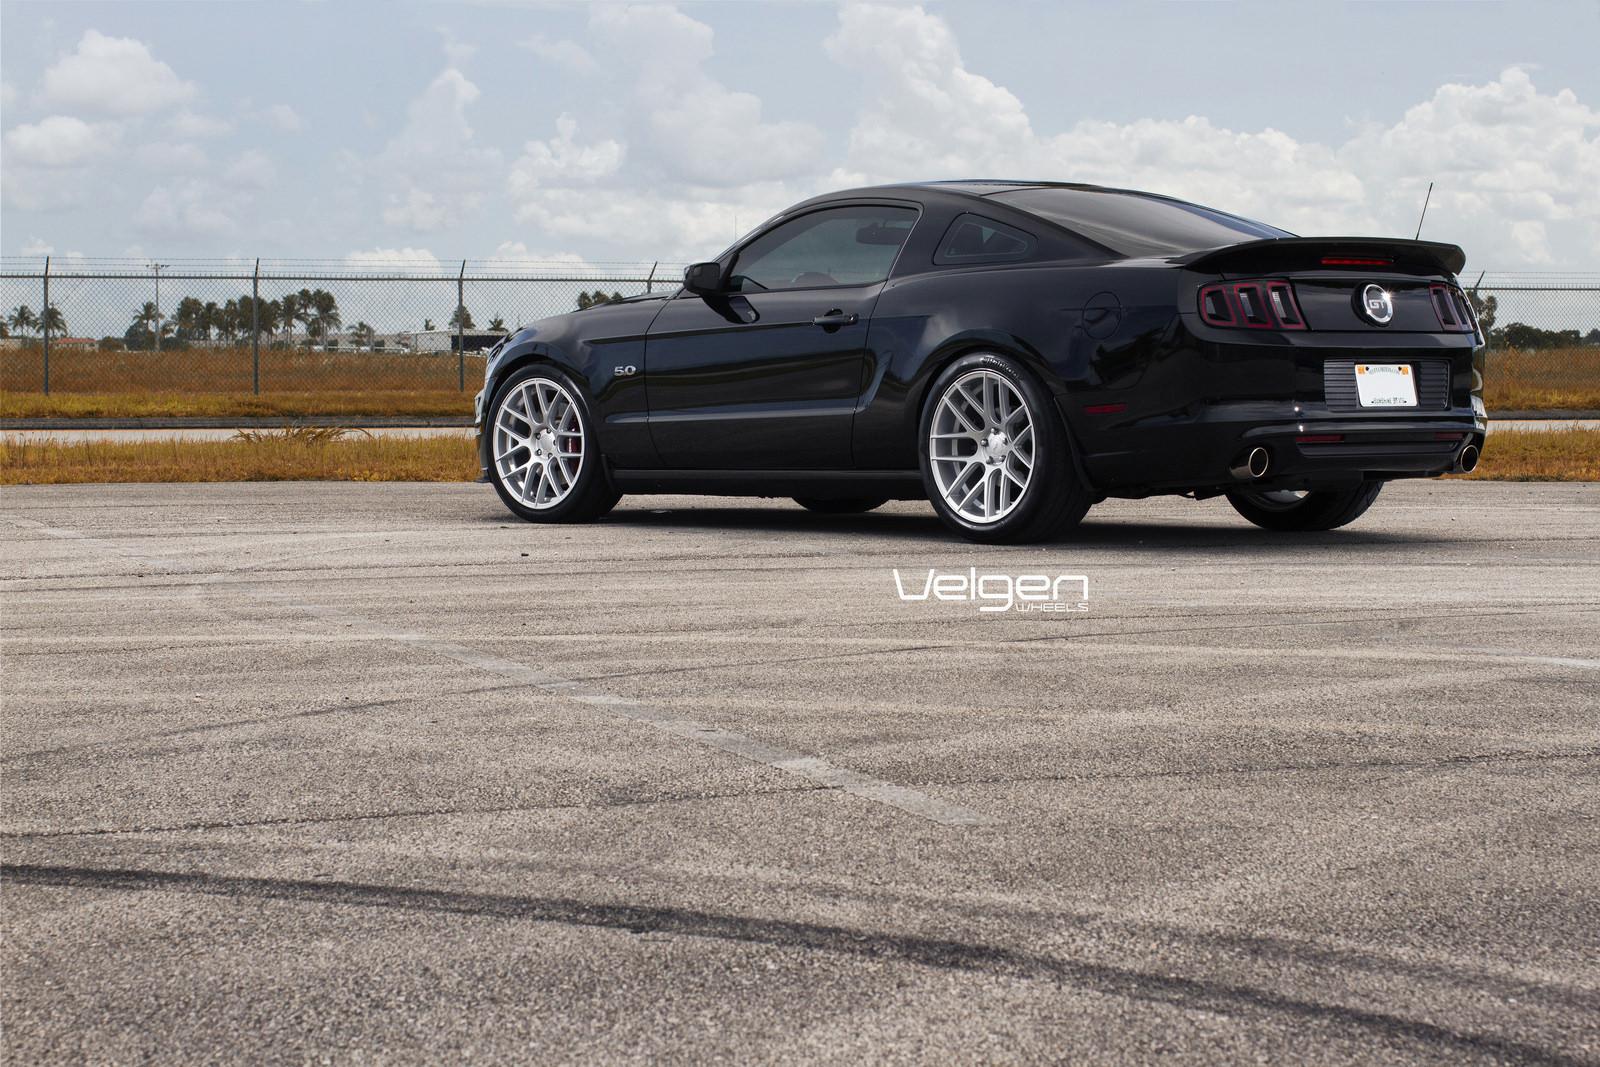 Black Mustang Gt Velgen Wheels Vmb7 Svtperformancecom